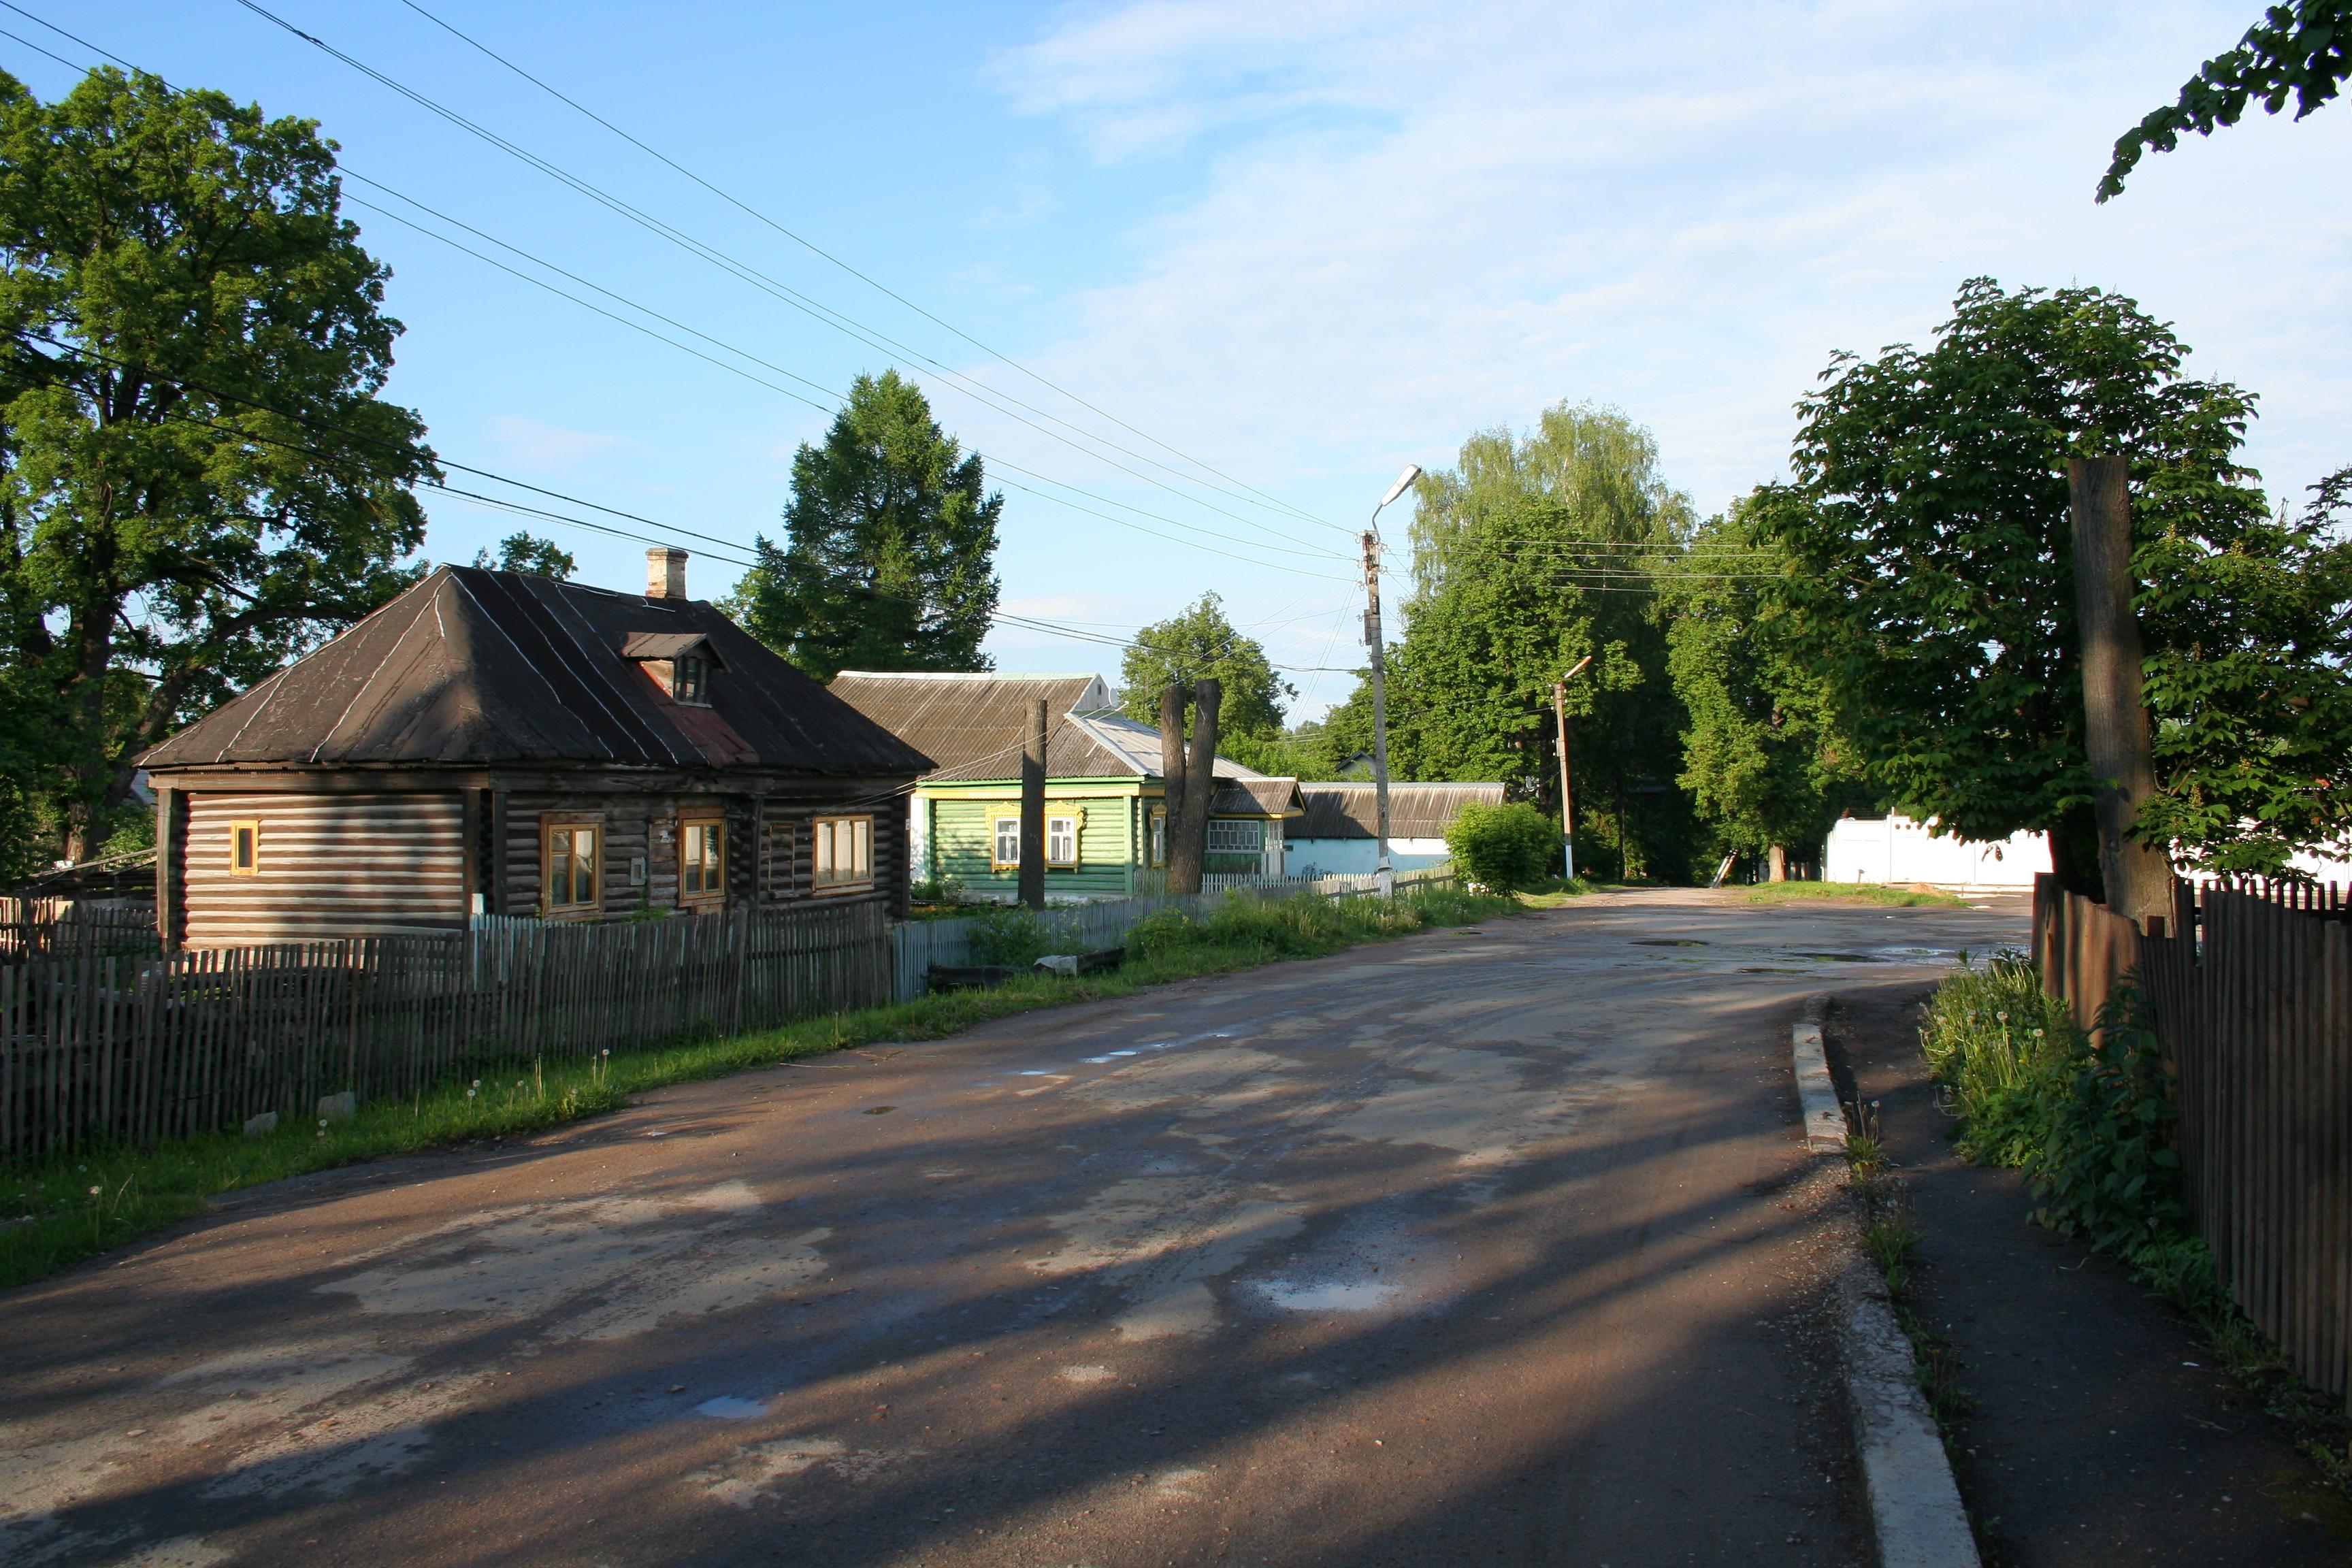 На улице Норильской в Кондрово расположены частные дома